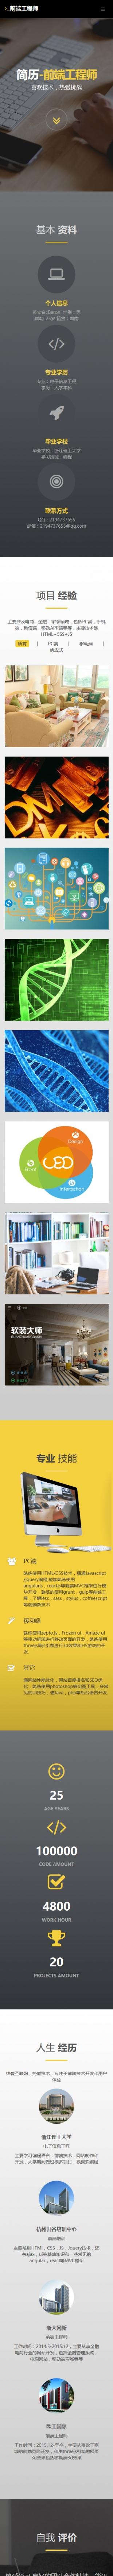 前端工程师简历博客响应式网站手机图片